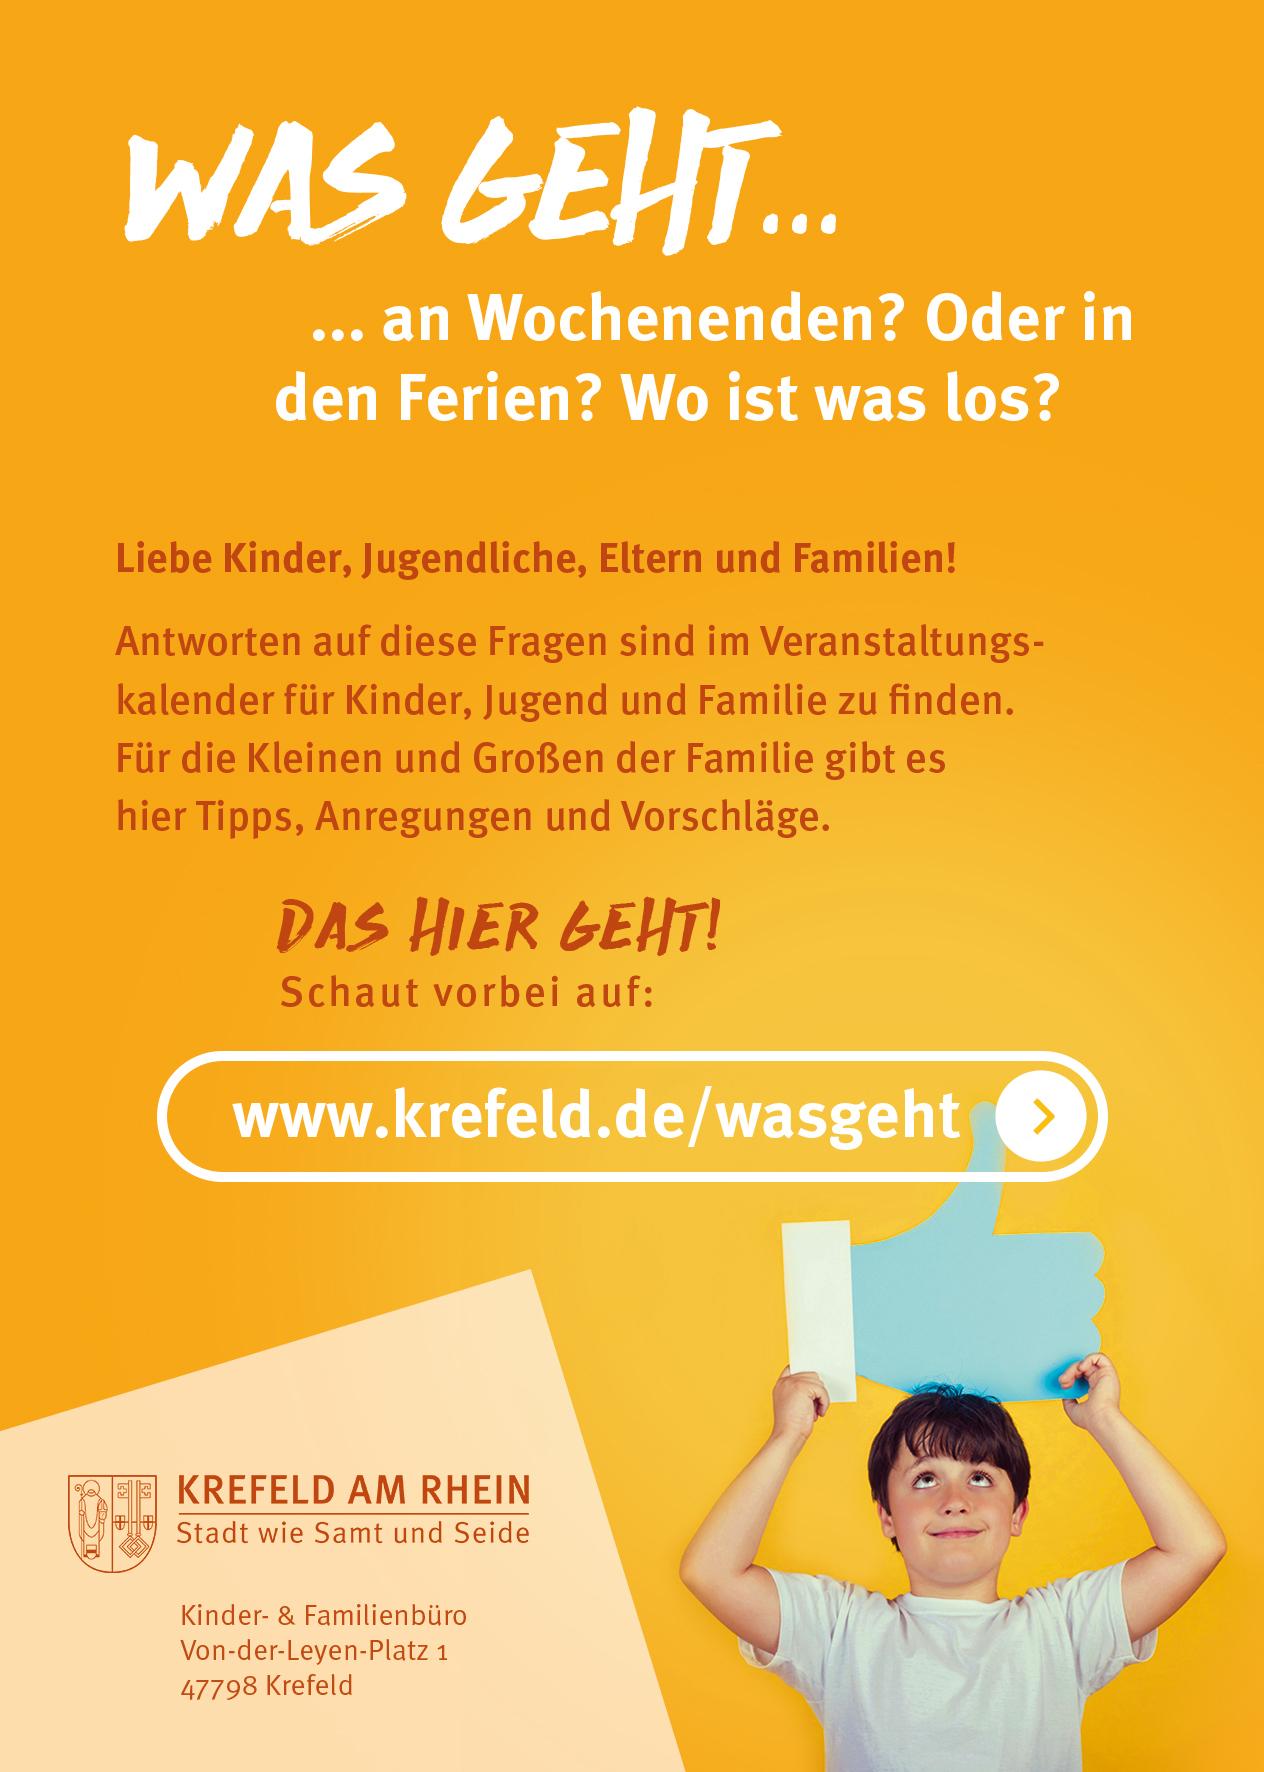 Veranstaltungskalender Für Kinder Jugend Familie Familienportal